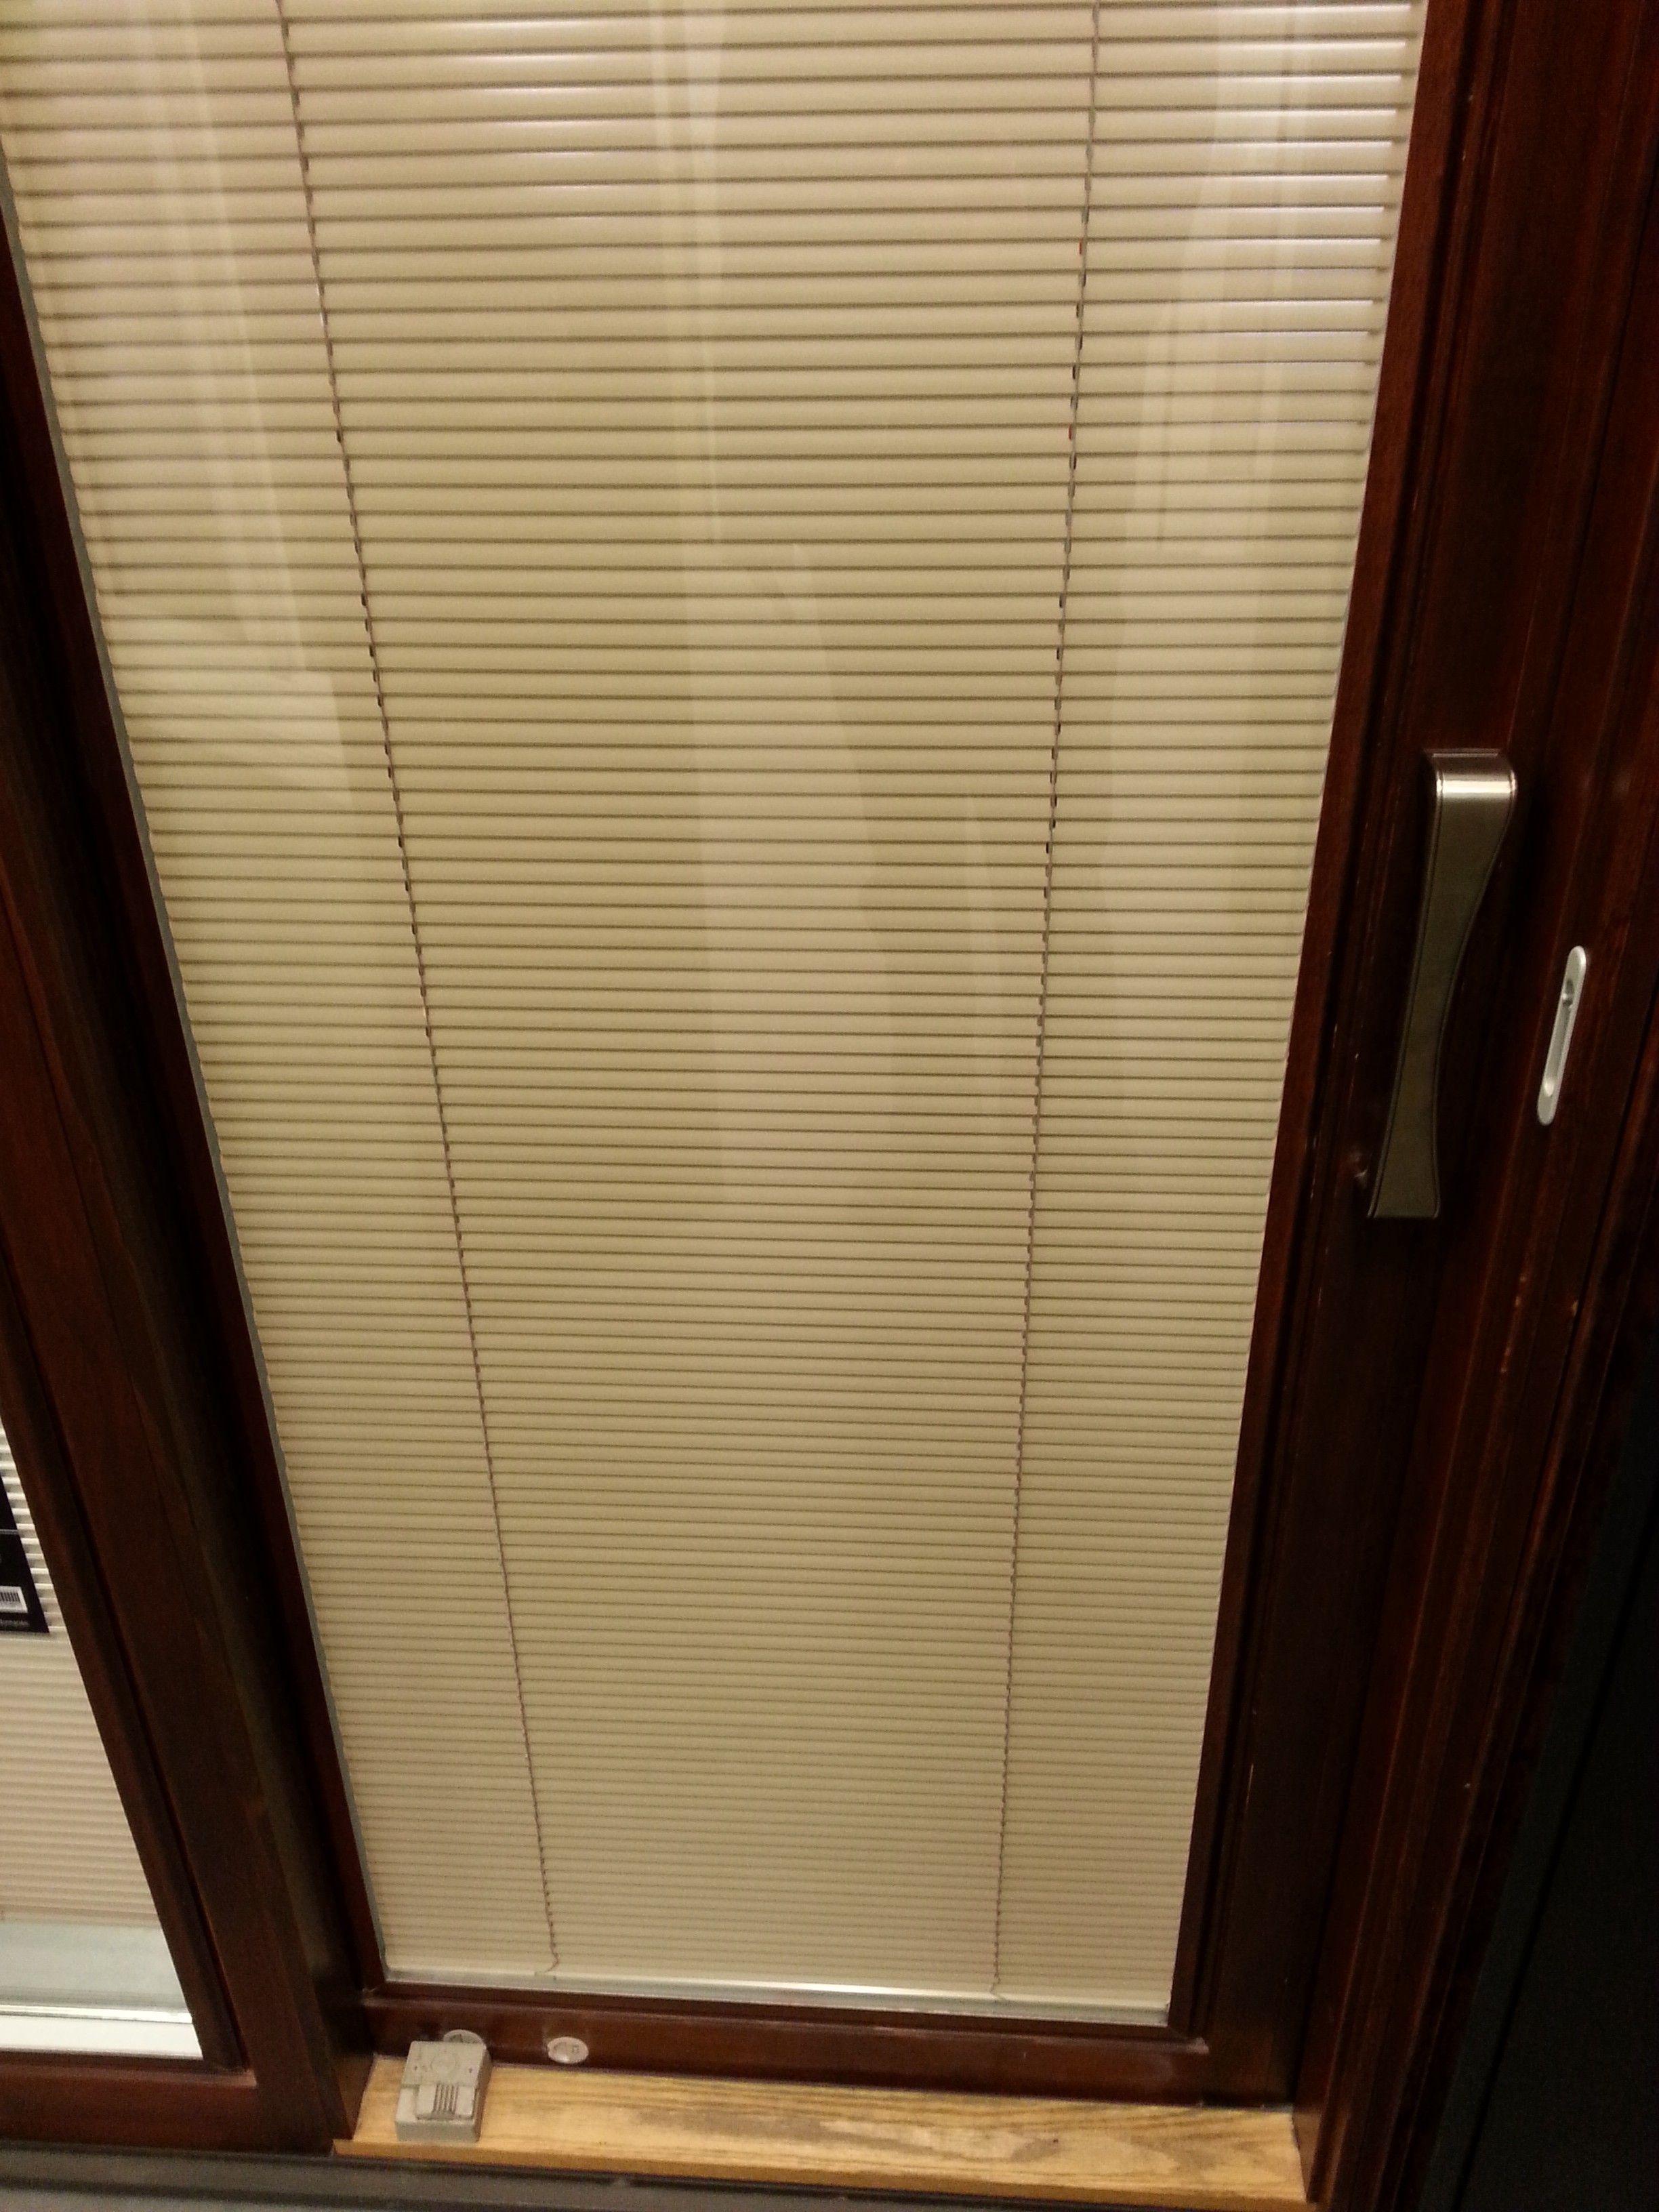 Window Replacement Part 3 Marvin Andersen Pella Best Blinds